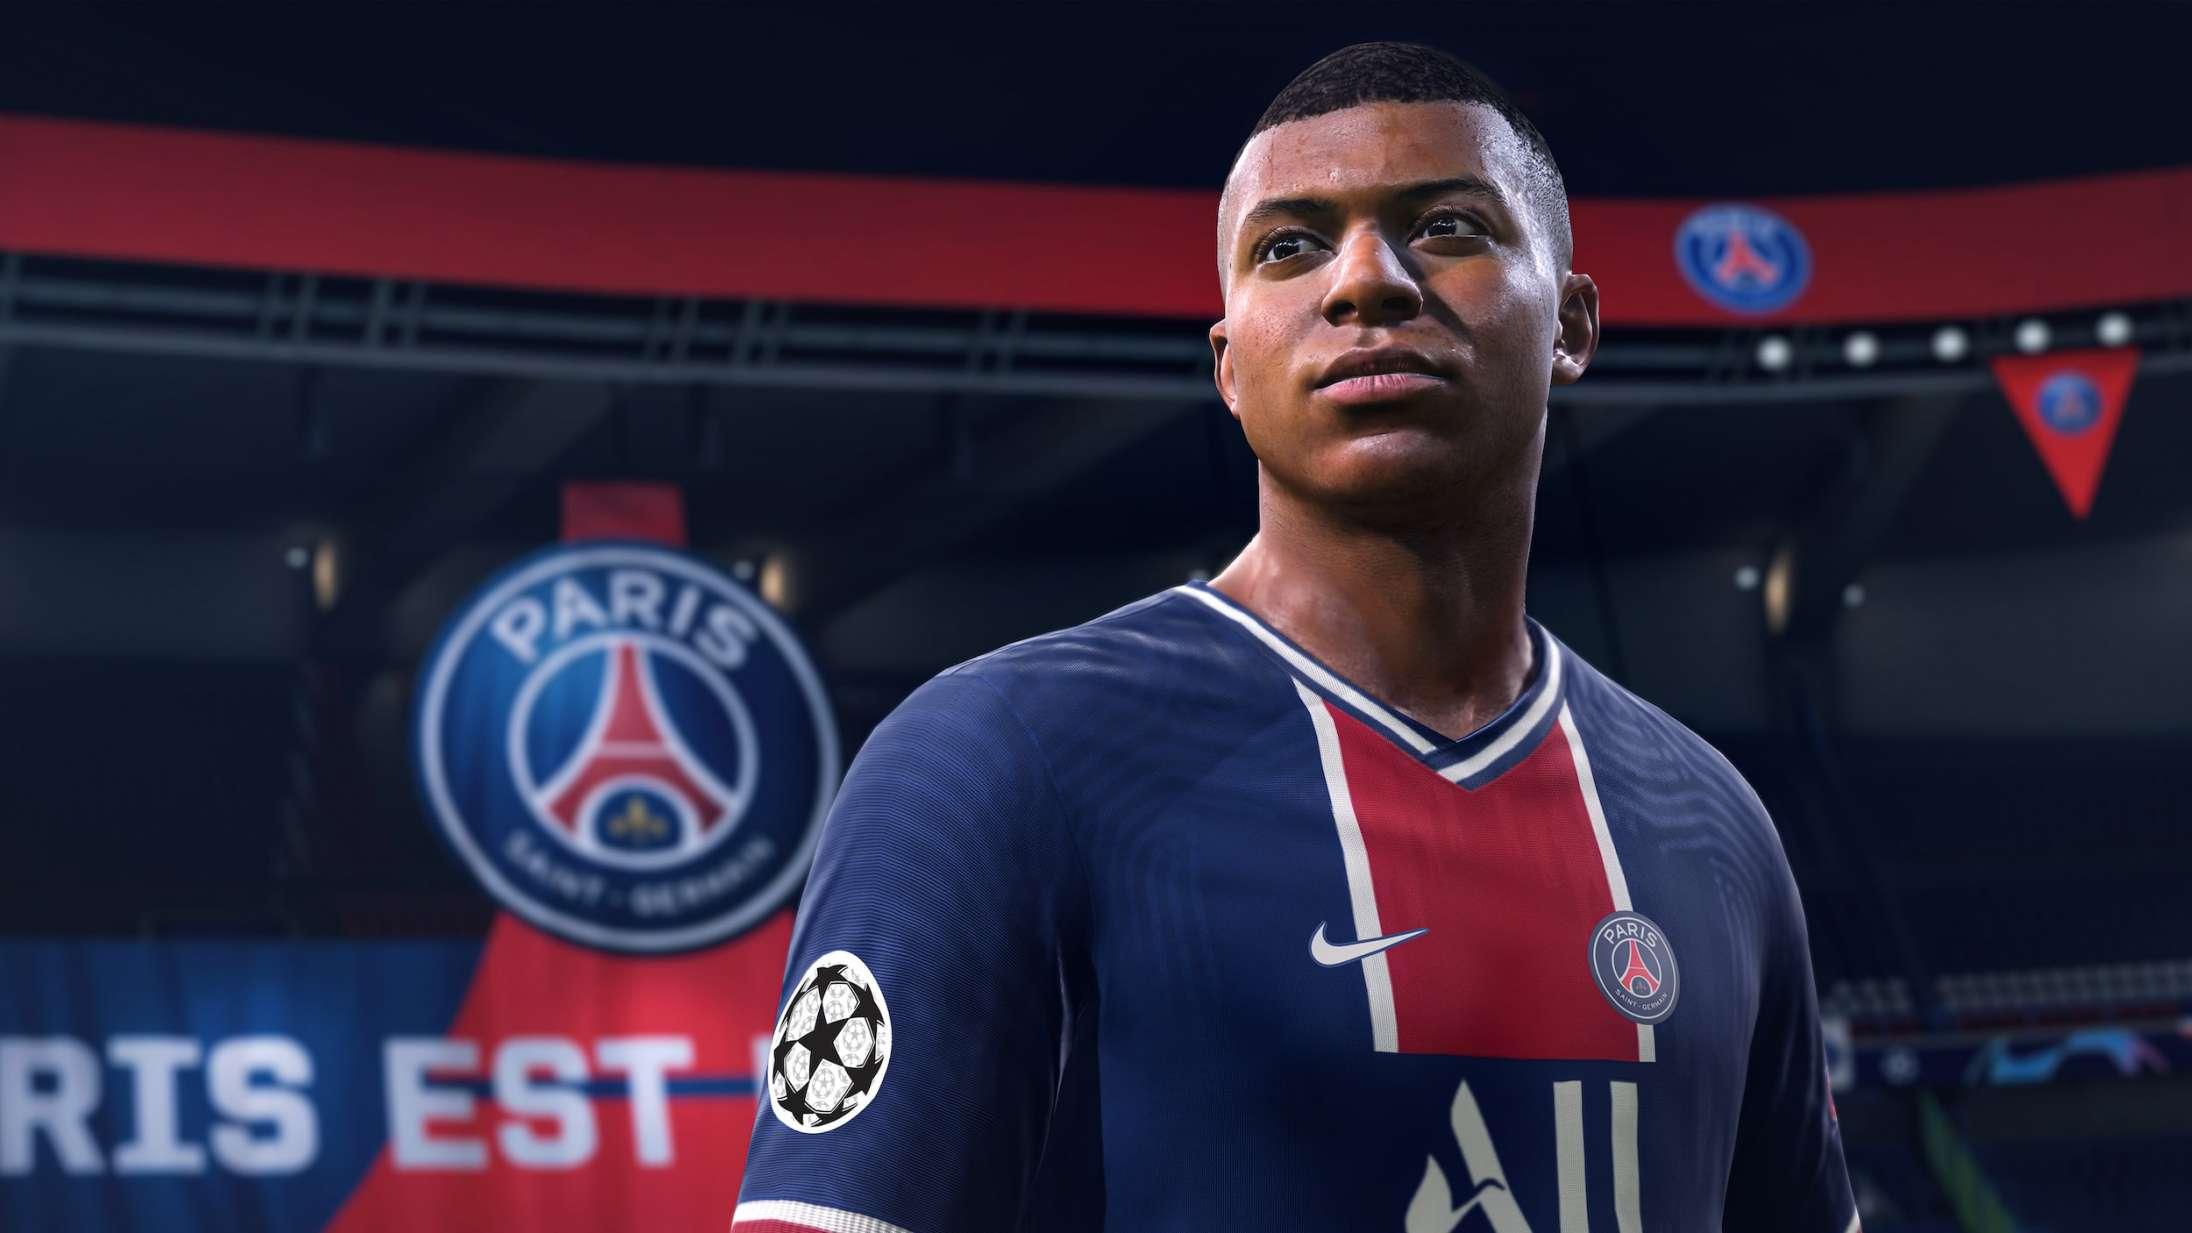 Gør 'FIFA' klar til at skrotte den ikoniske fodbold-titel?